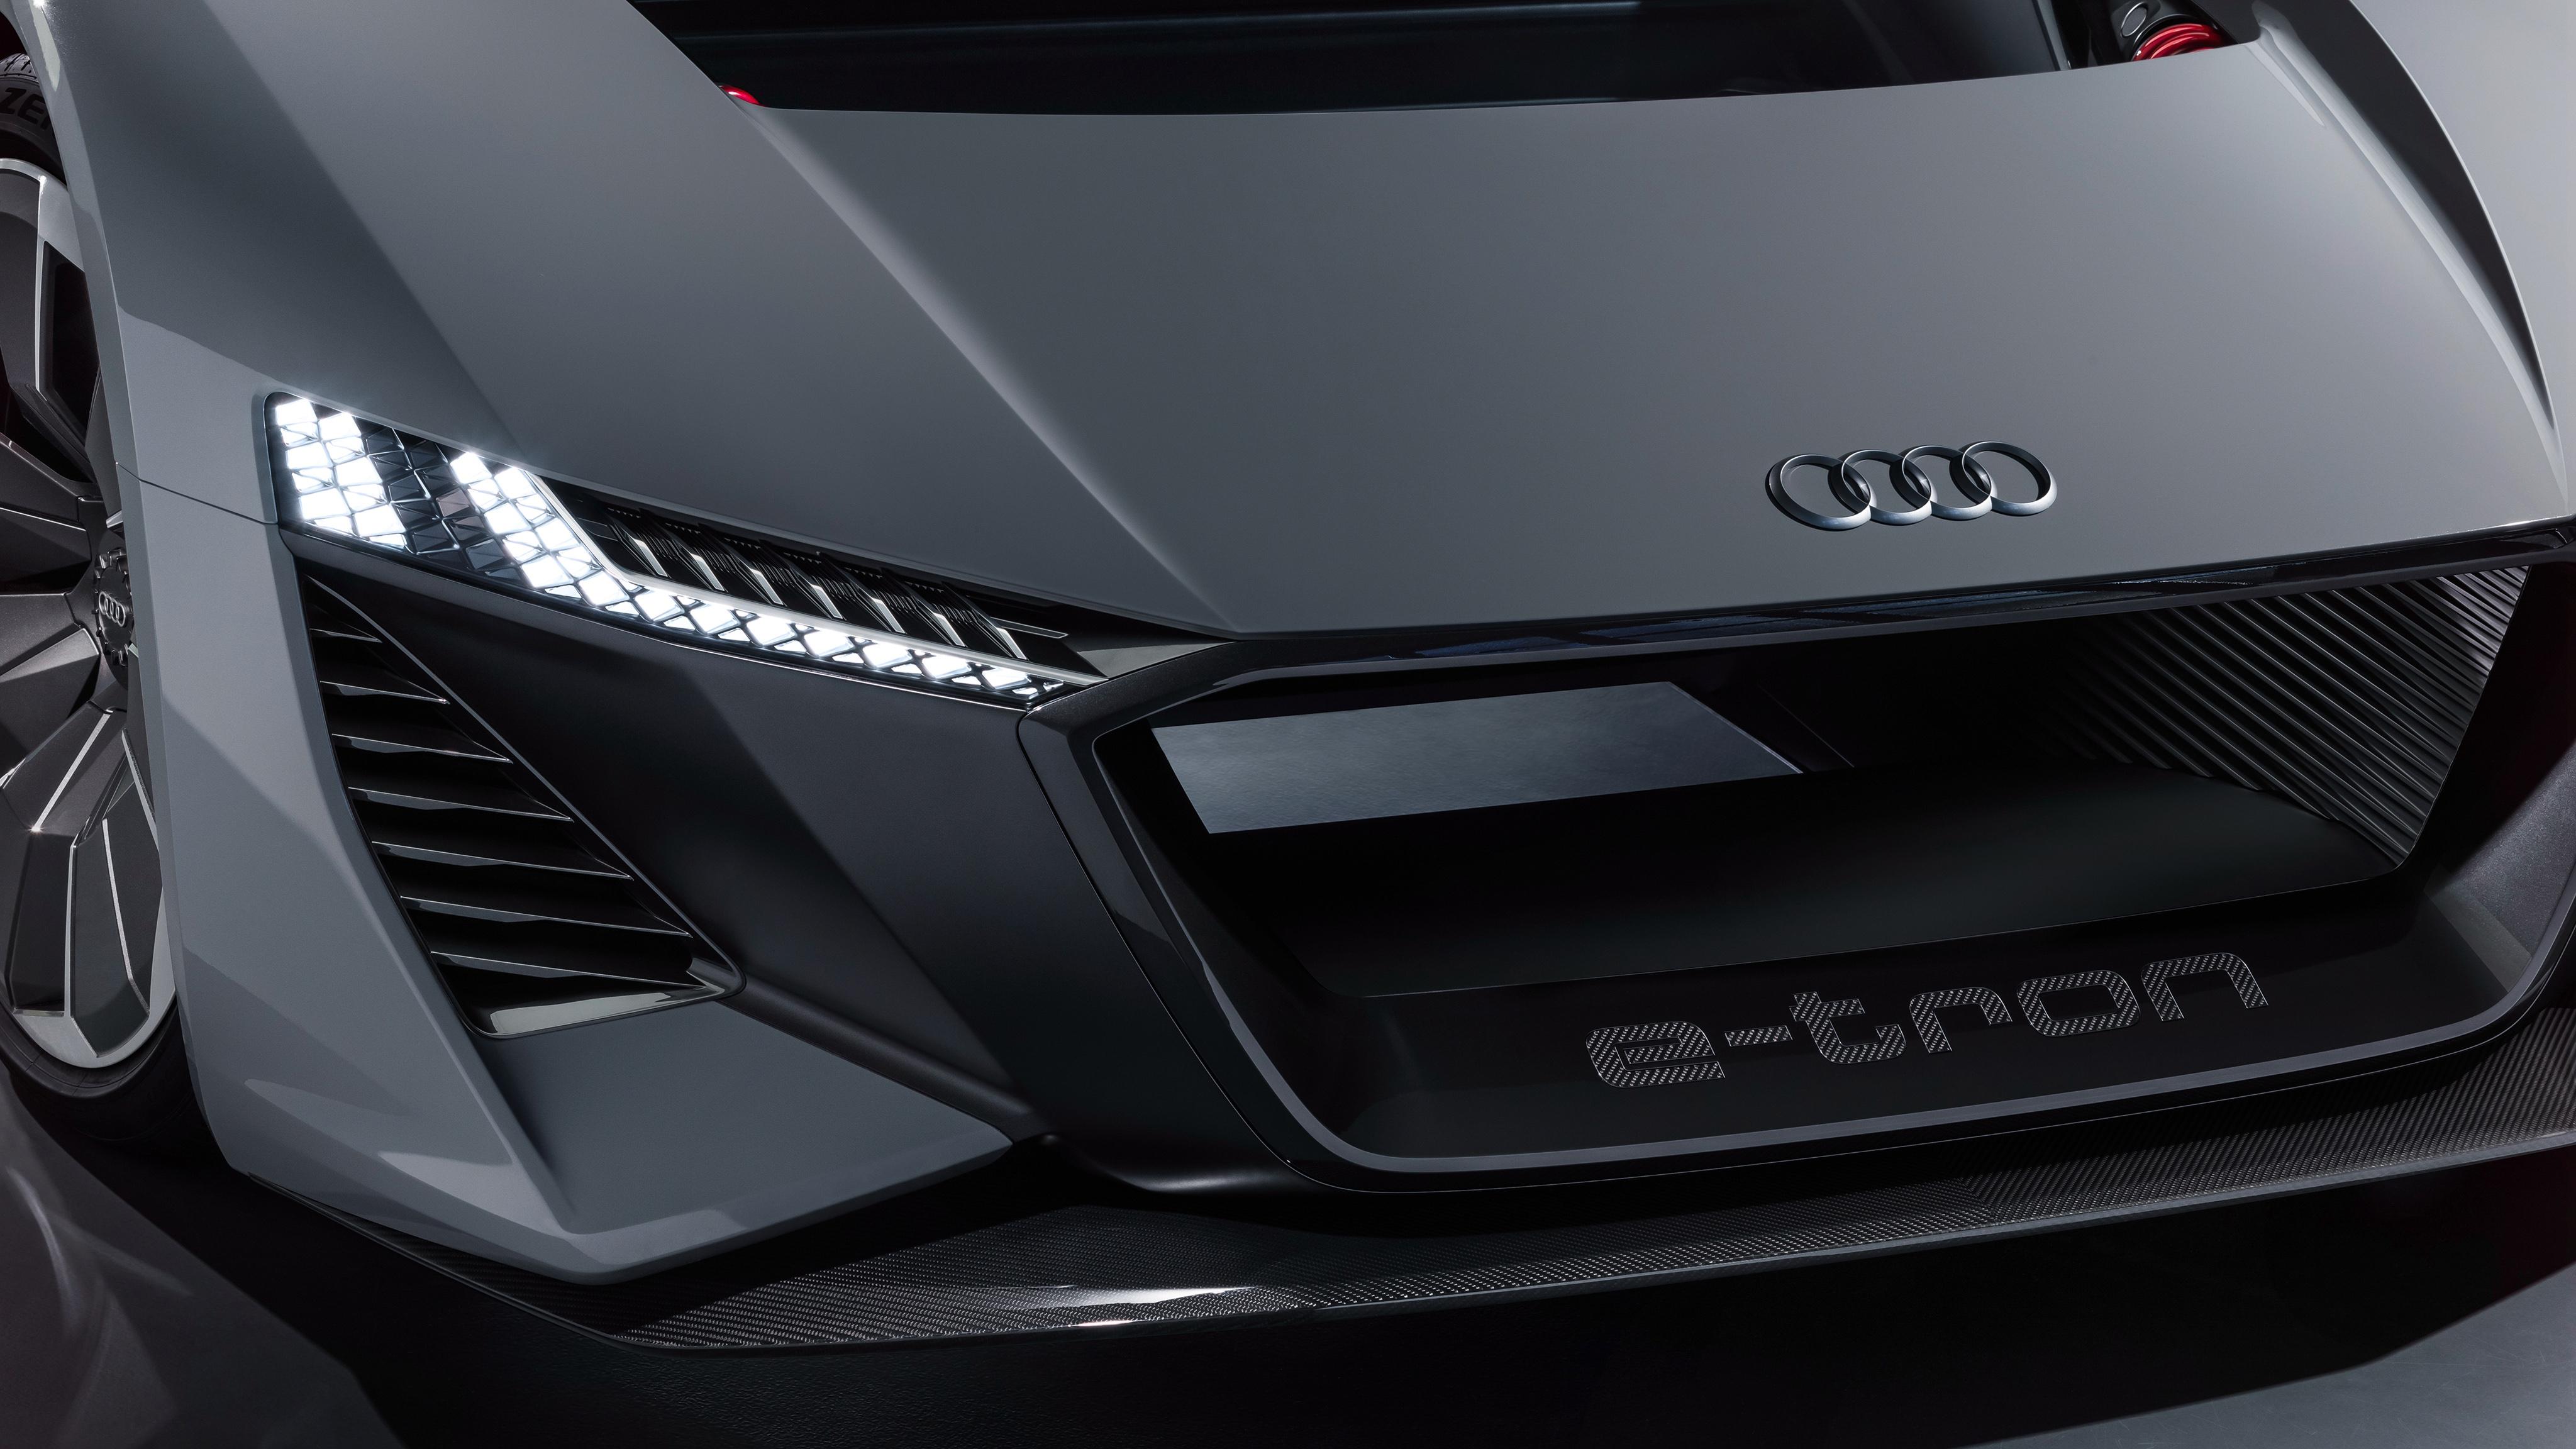 Audi PB 18 e-tron 2018 4K 2 Wallpaper | HD Car Wallpapers ...